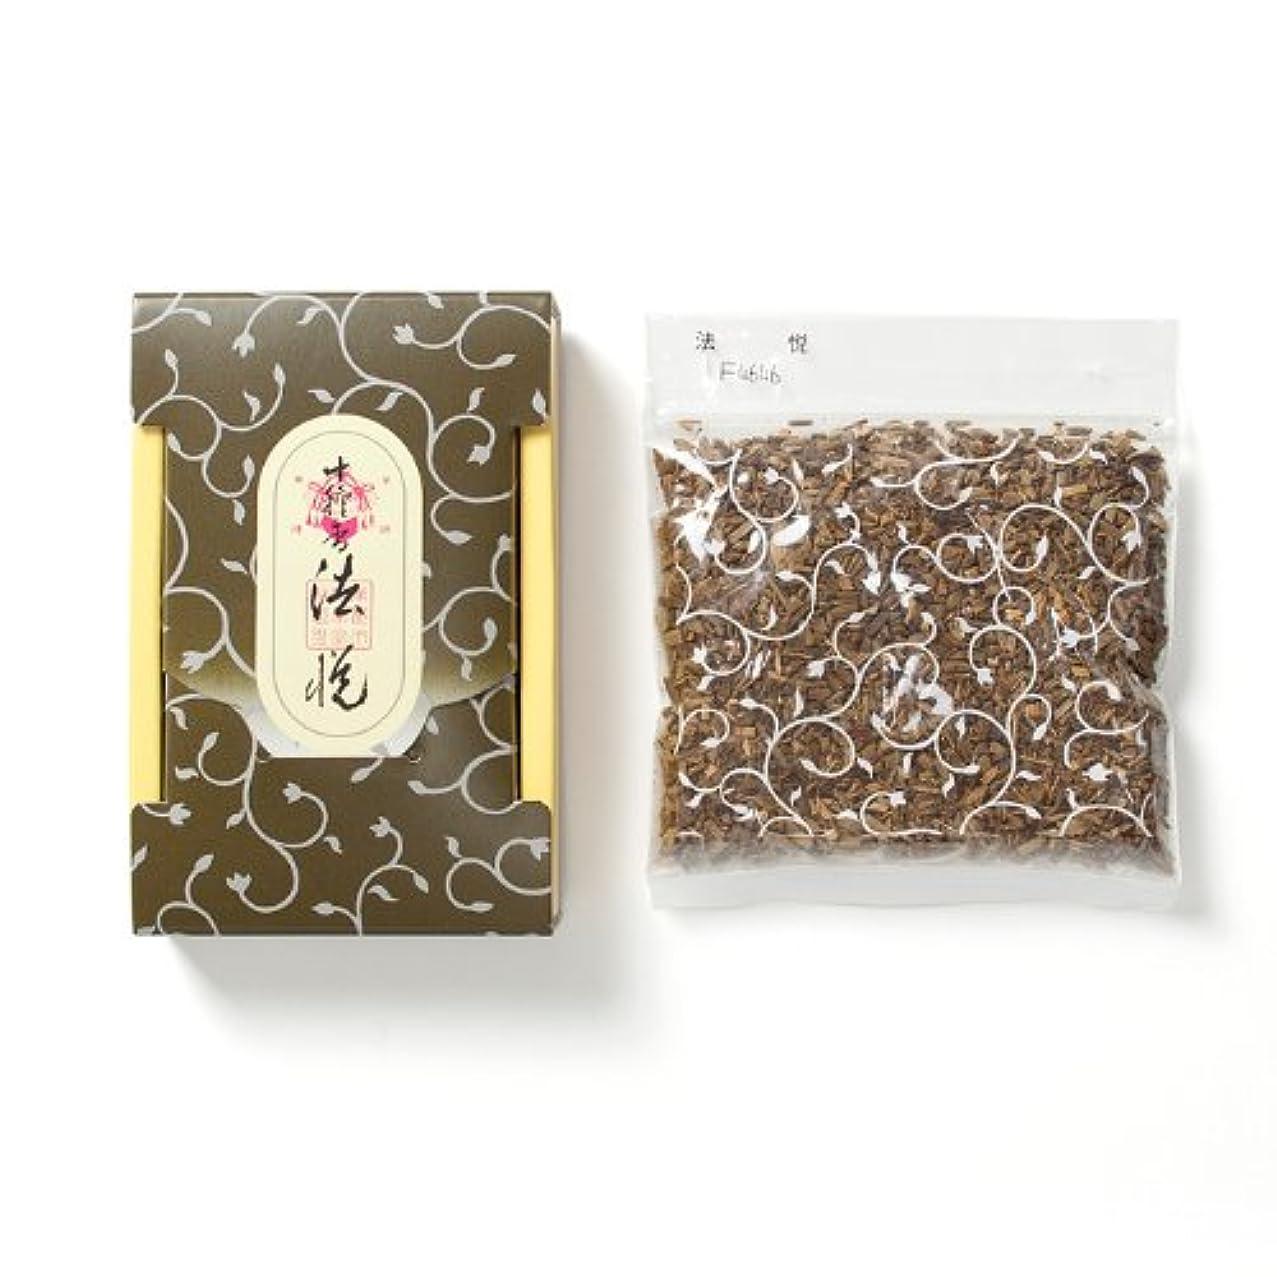 機関失スラム松栄堂のお焼香 十種香 法悦 25g詰 小箱入 #411041